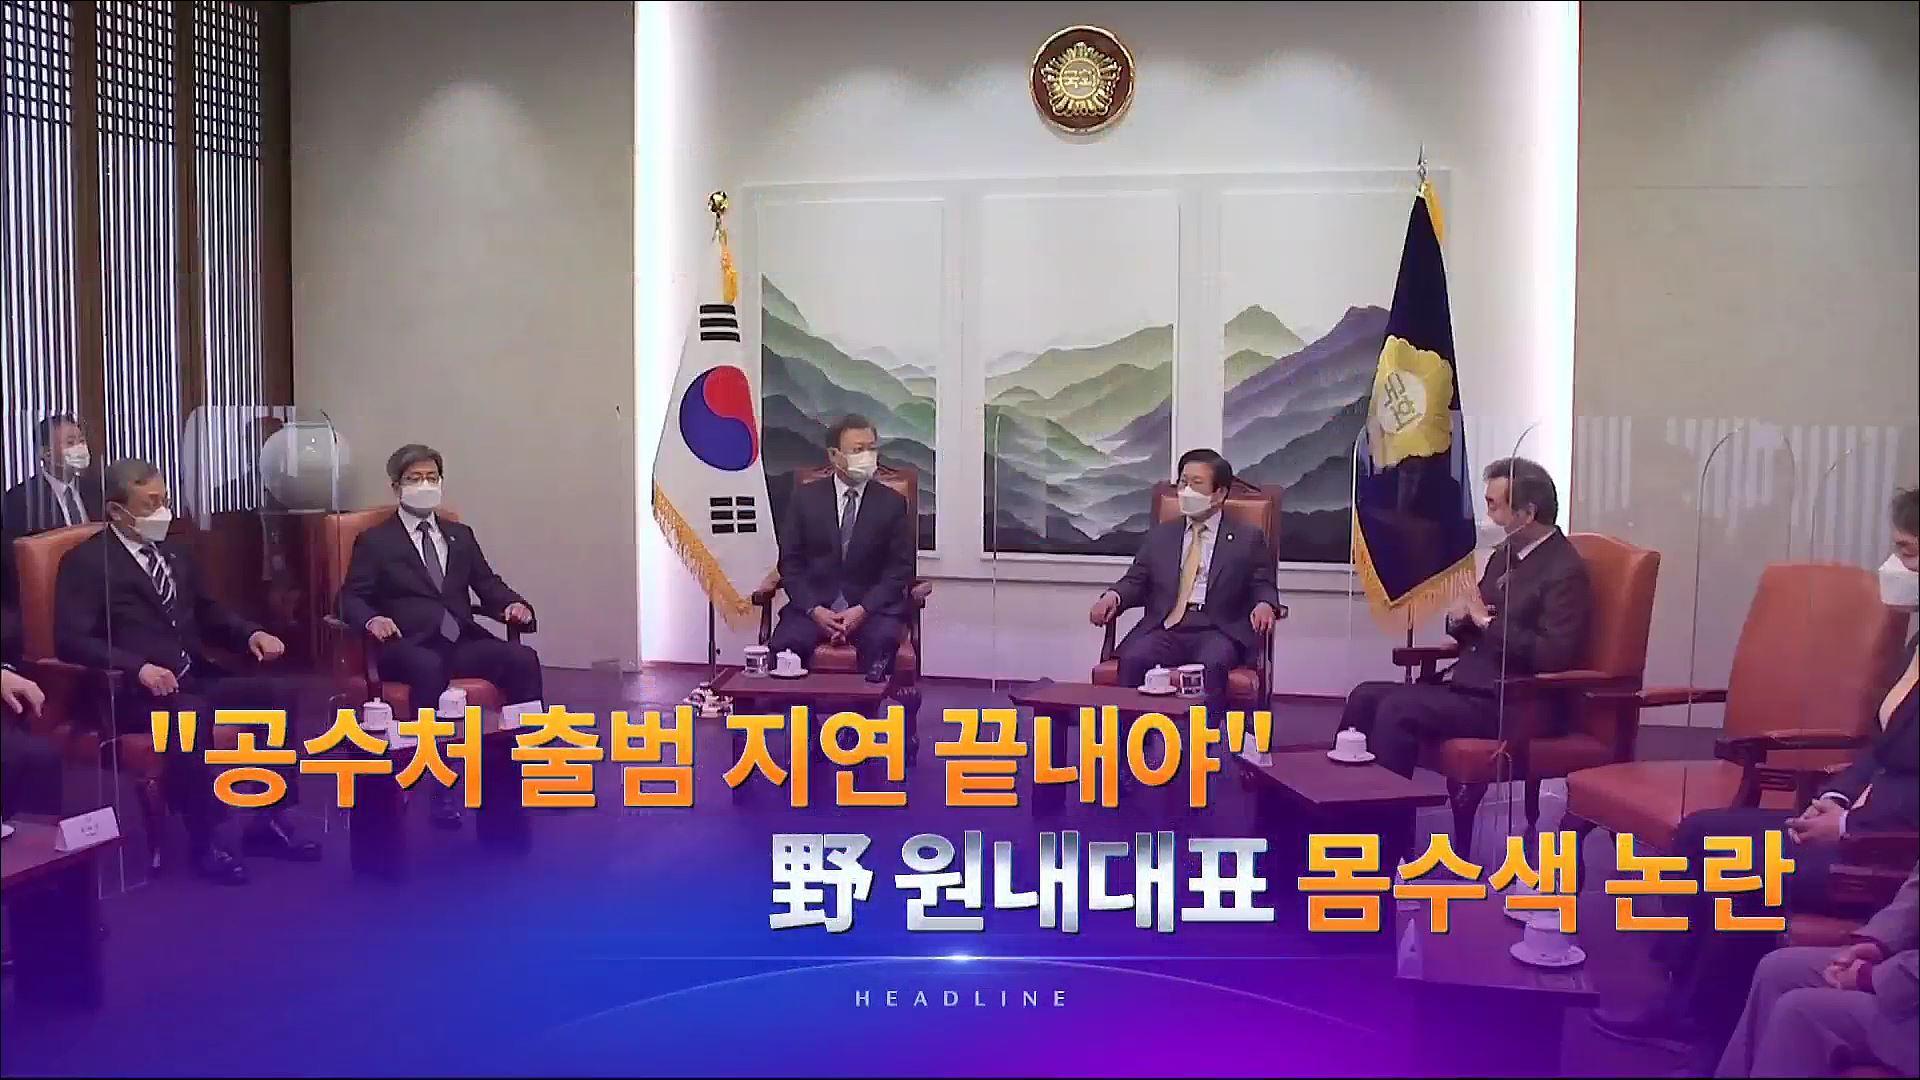 10월 28일 '뉴스9' 헤드라인